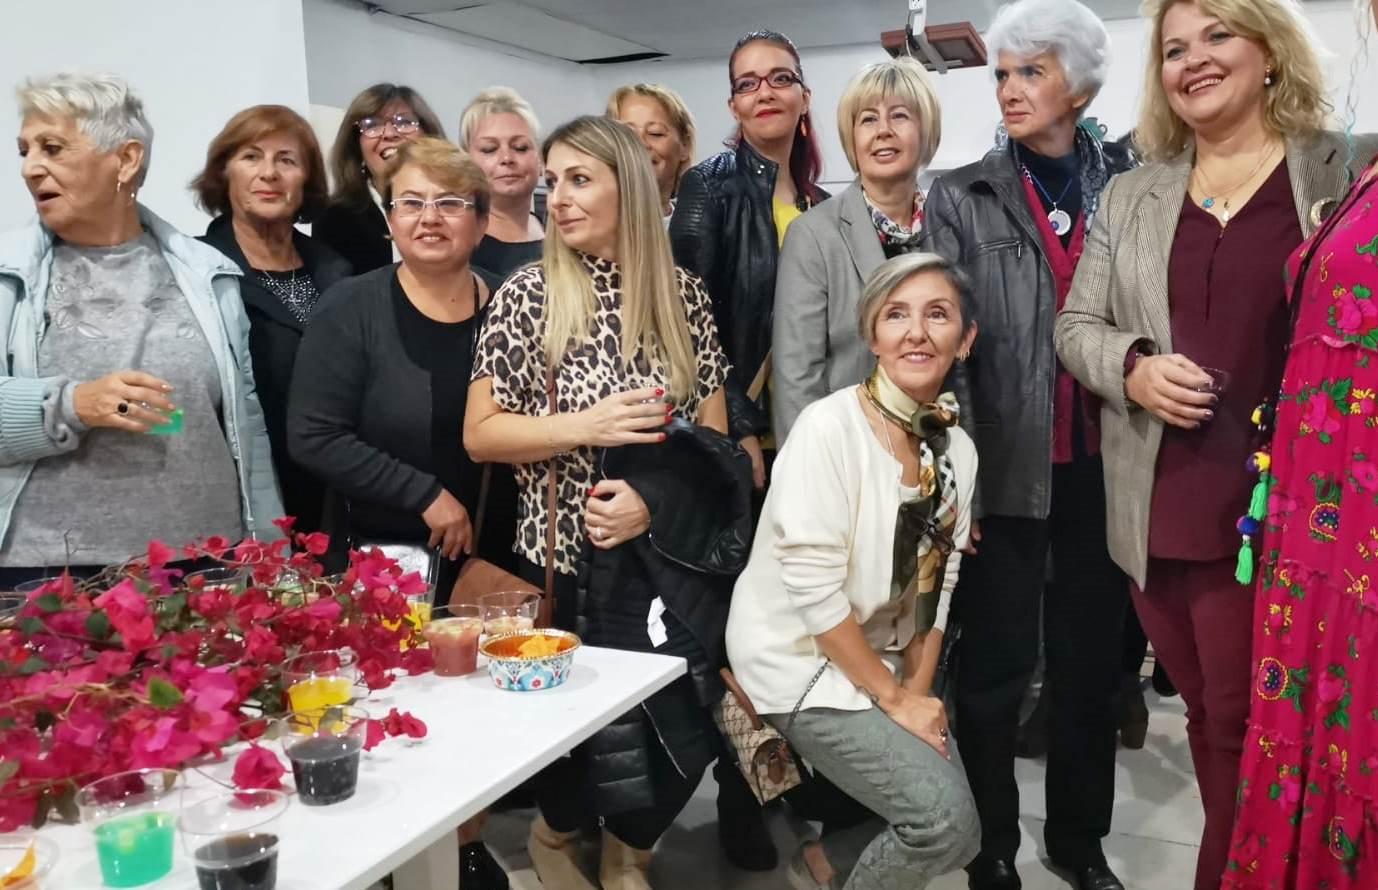 TURGUTREİS'E ESTETİK, RENK VE DEĞER KATMAK İÇİN BİR ARADALAR… turgutreis sanat lar dernegi 2